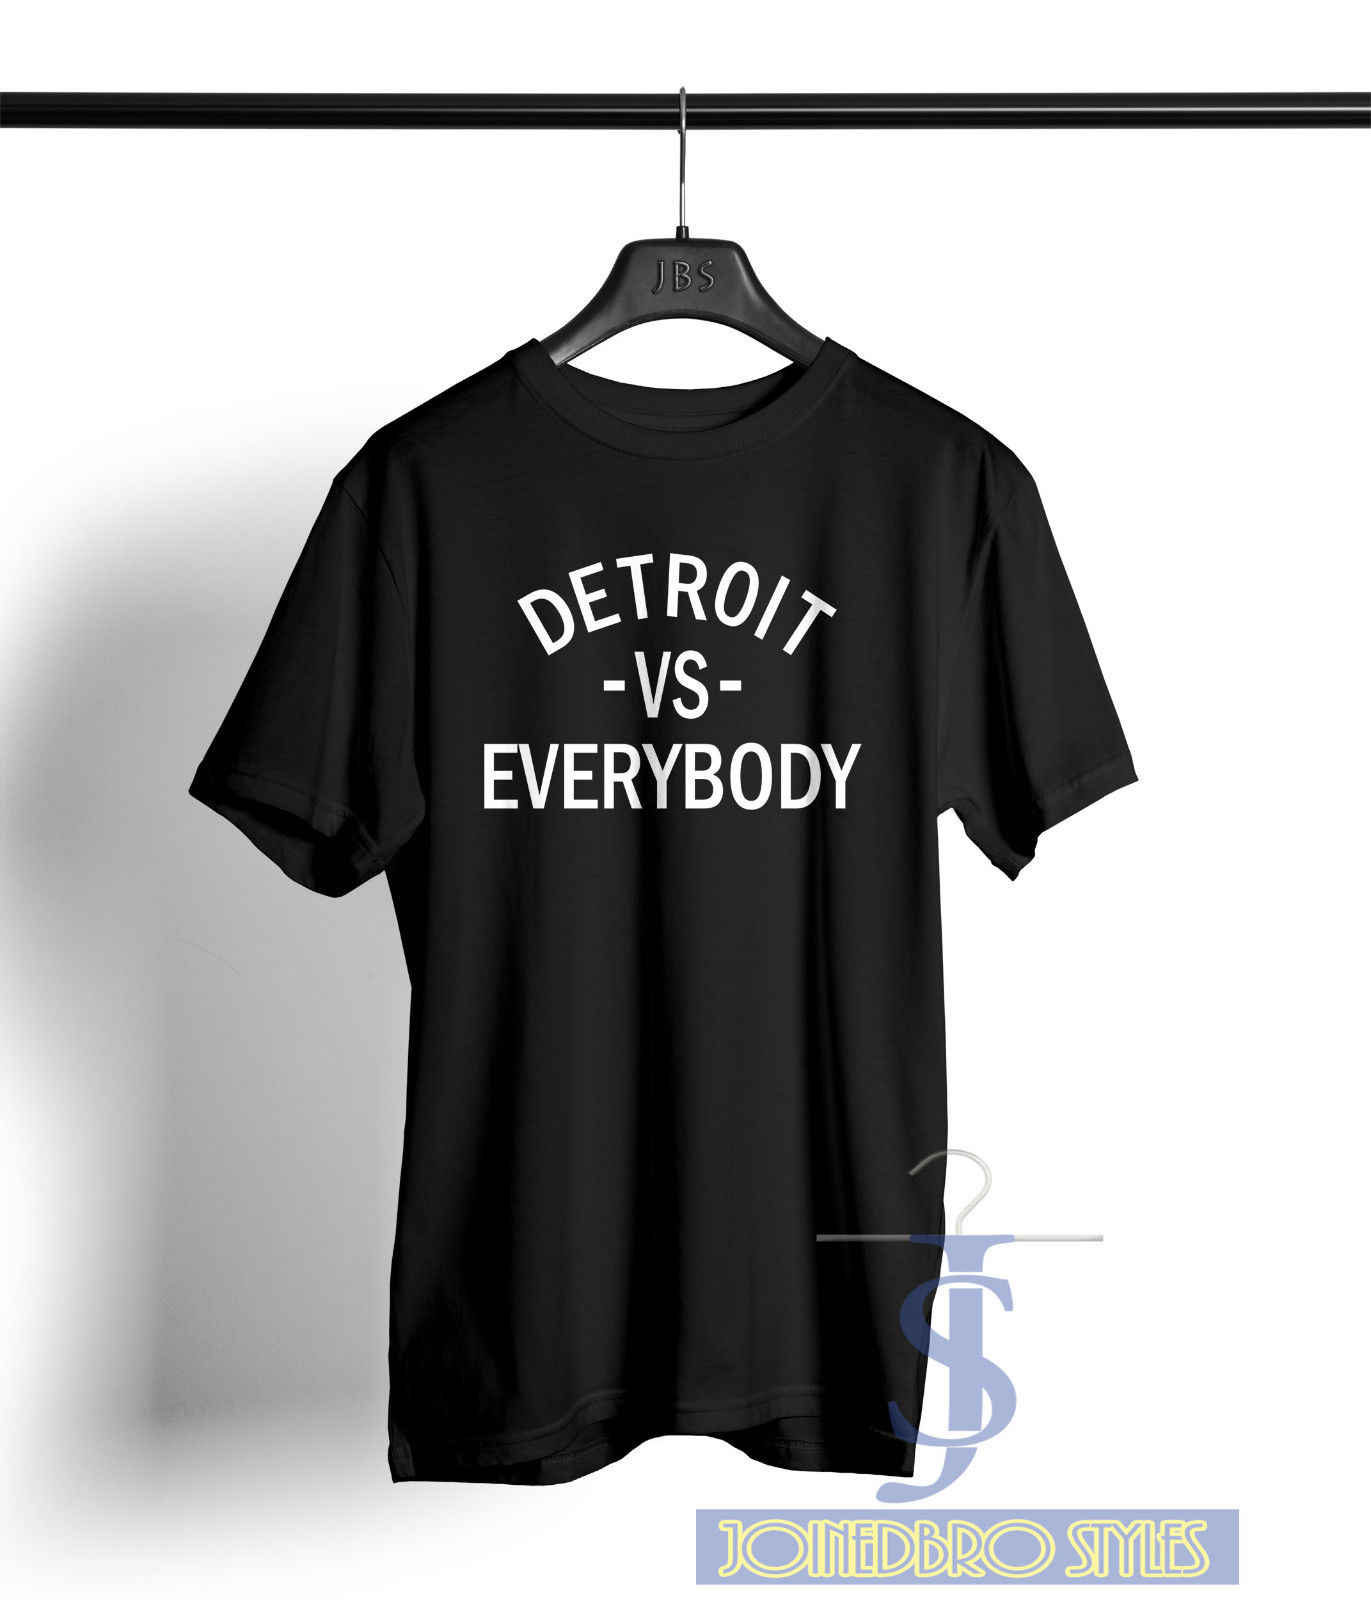 Detroit vs Iedereen T-shirt slim shady hip hop rap standaard zwart S-2XL